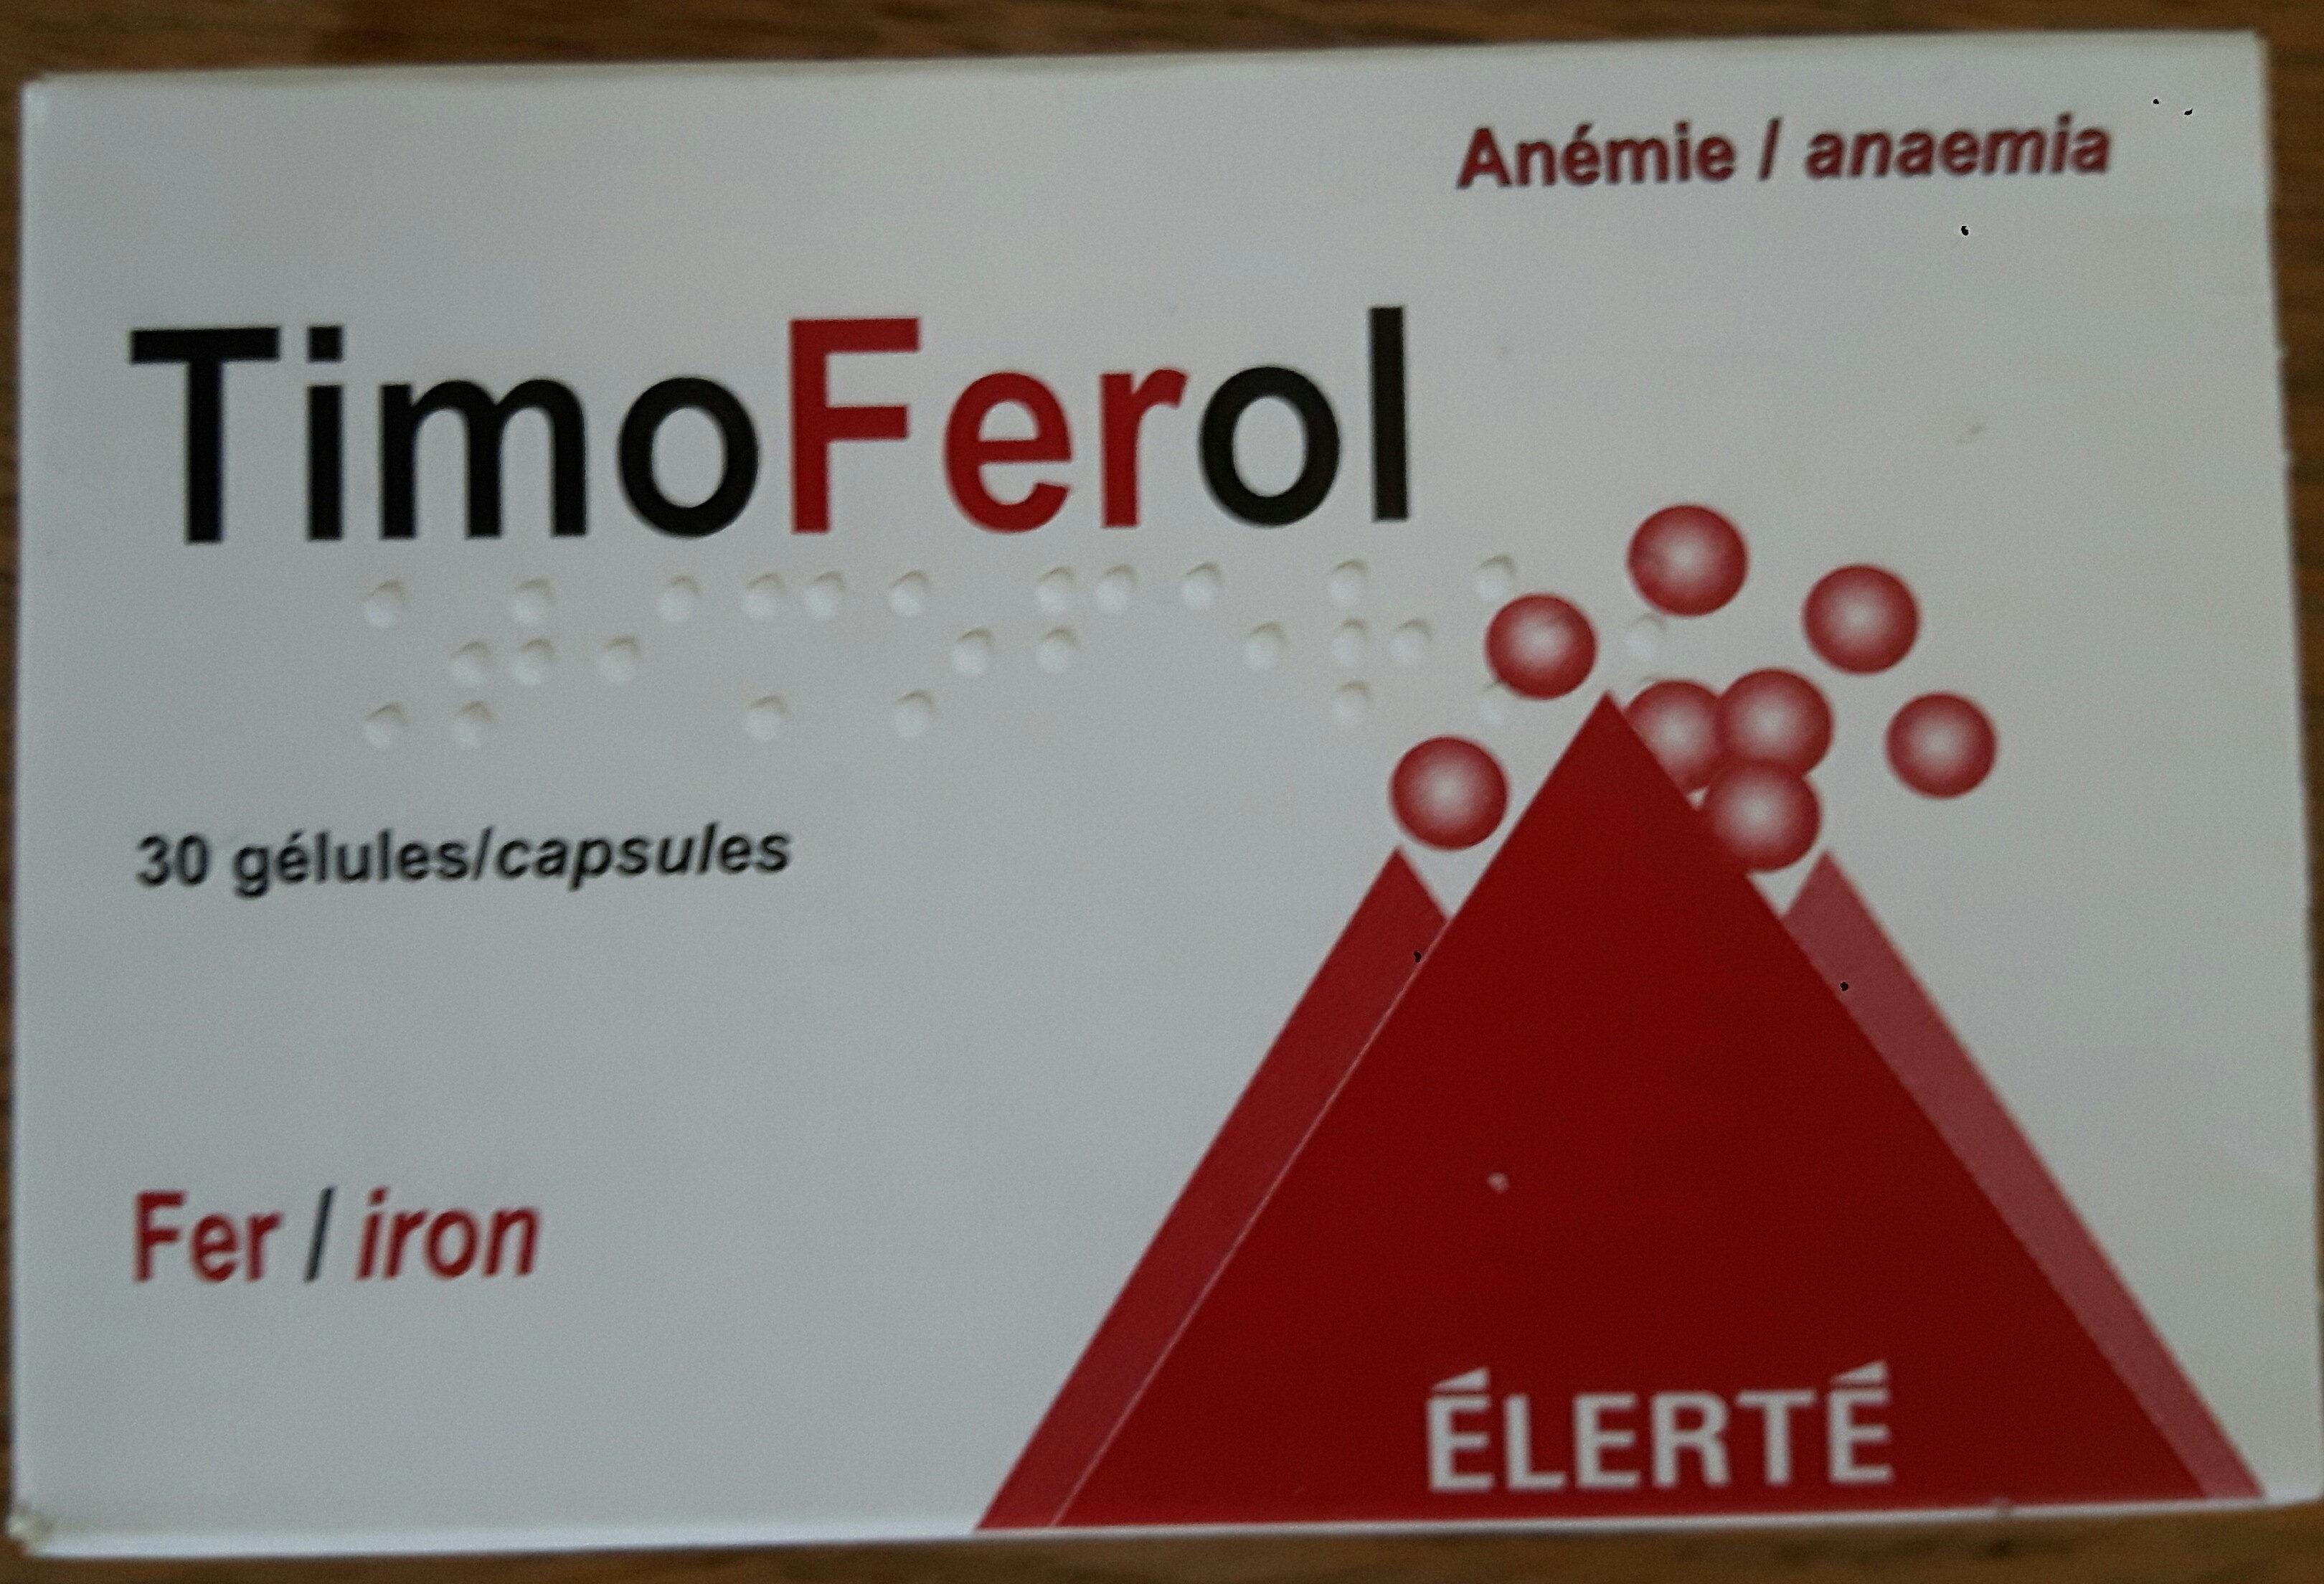 Timoferol, Anémie Fer, 30 Gélules - Product